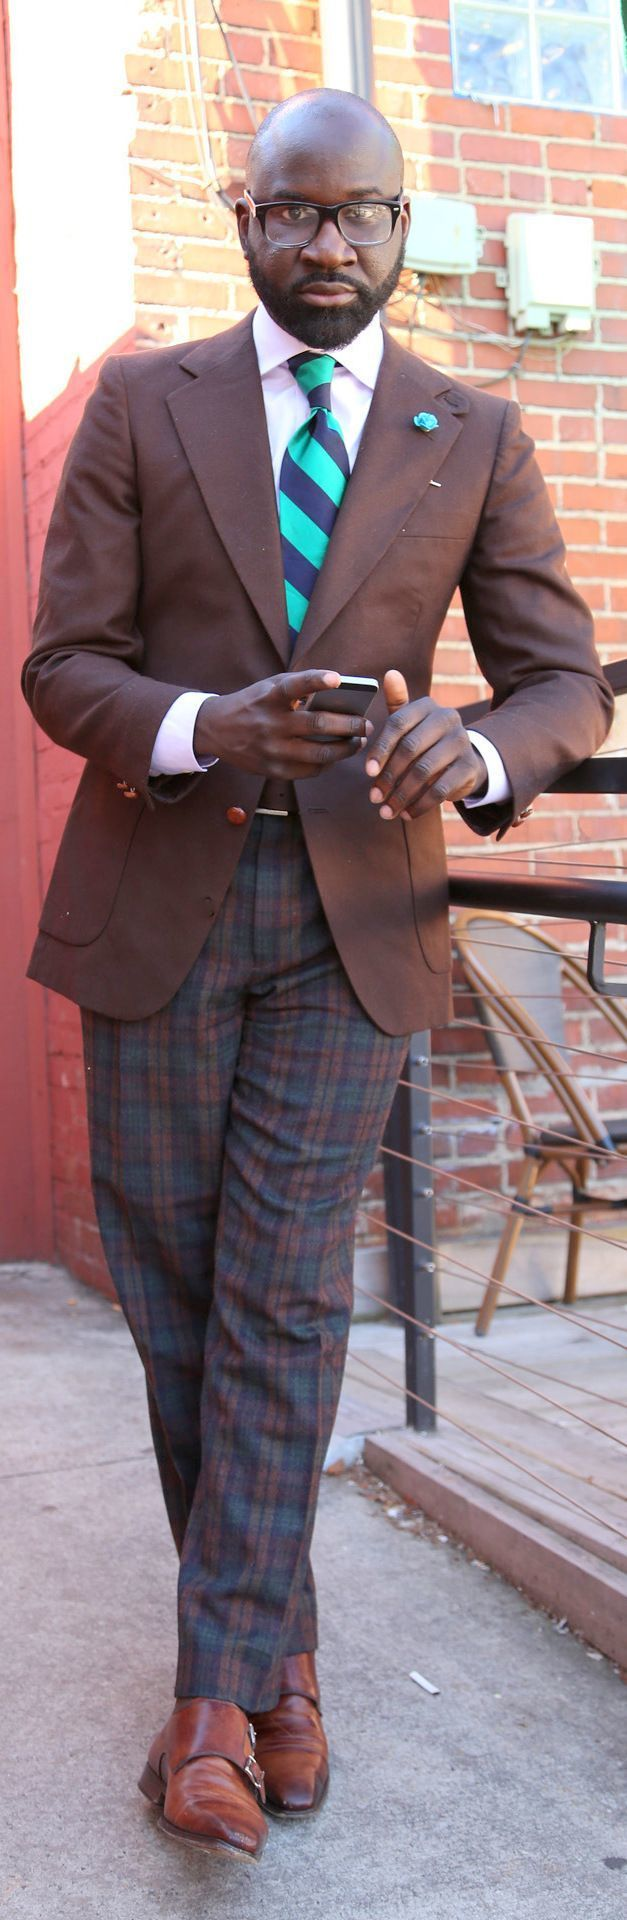 Suit Pants For a Sharp